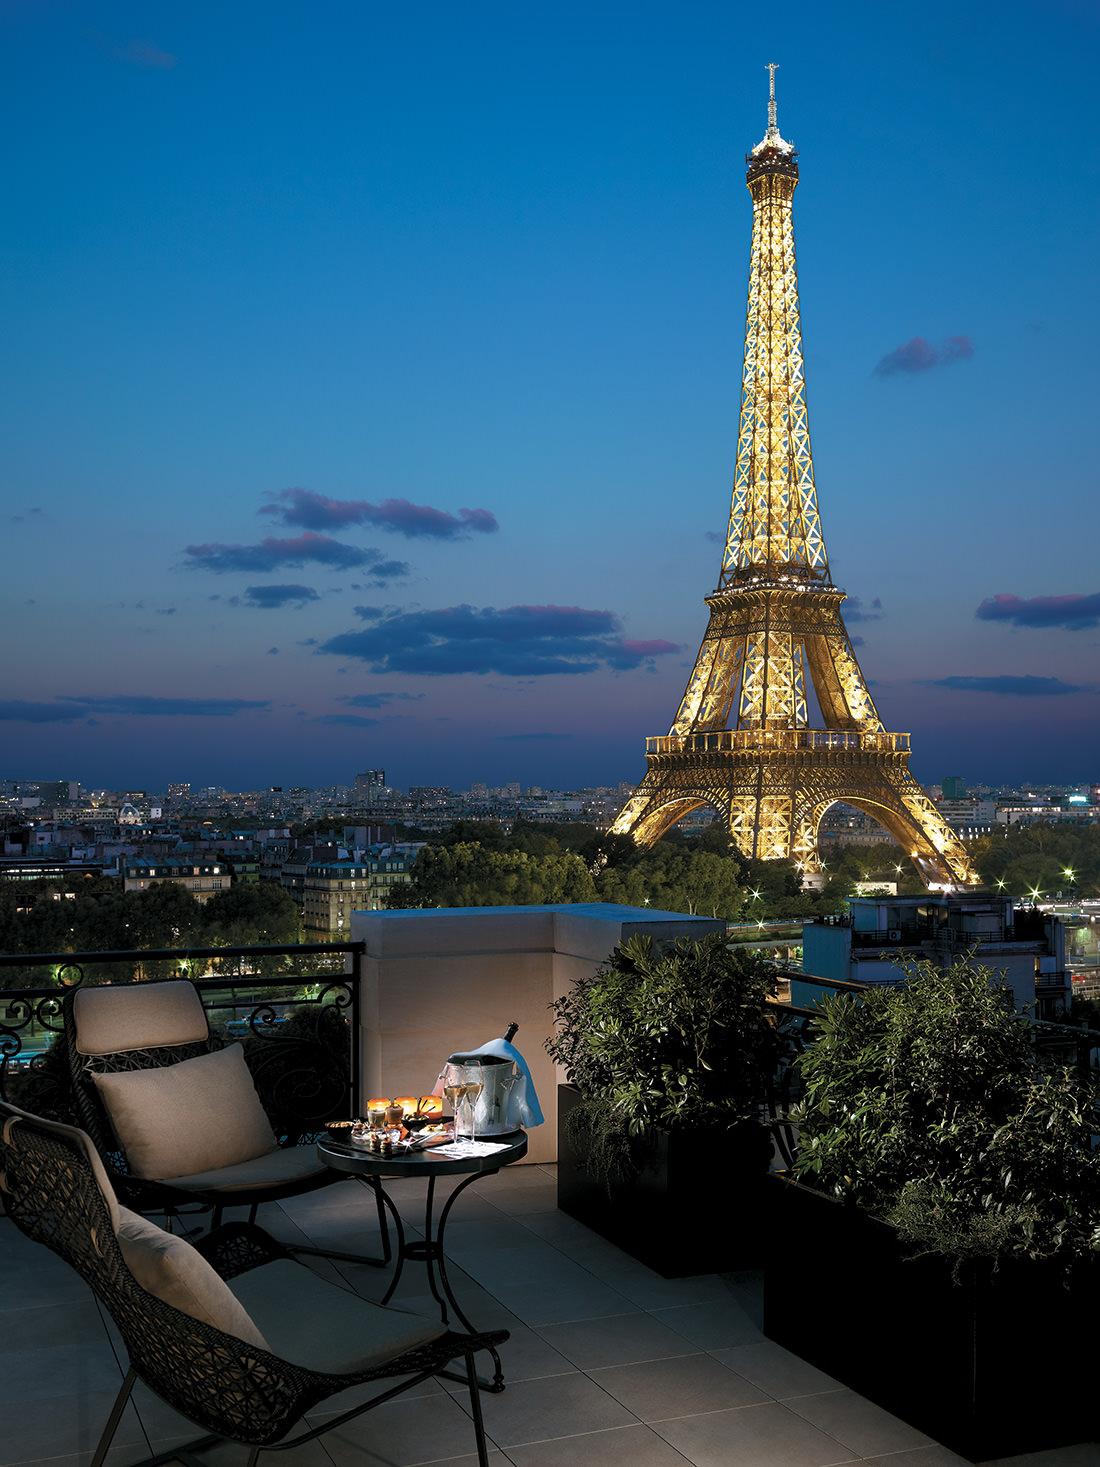 shangri-la-hotel-paris-6